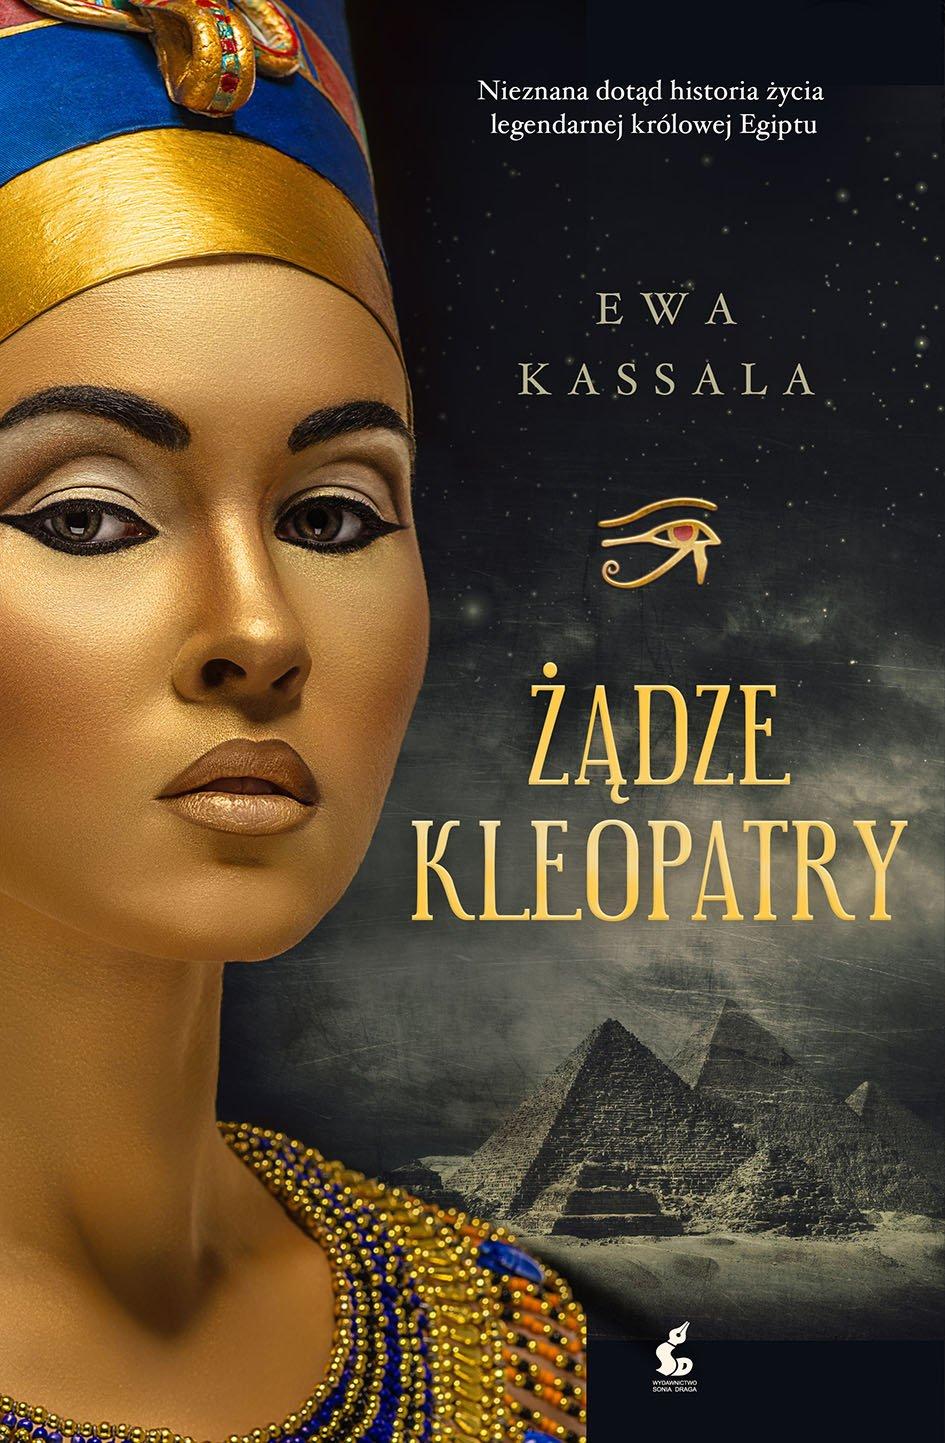 Żądze Kleopatry - Ebook (Książka na Kindle) do pobrania w formacie MOBI